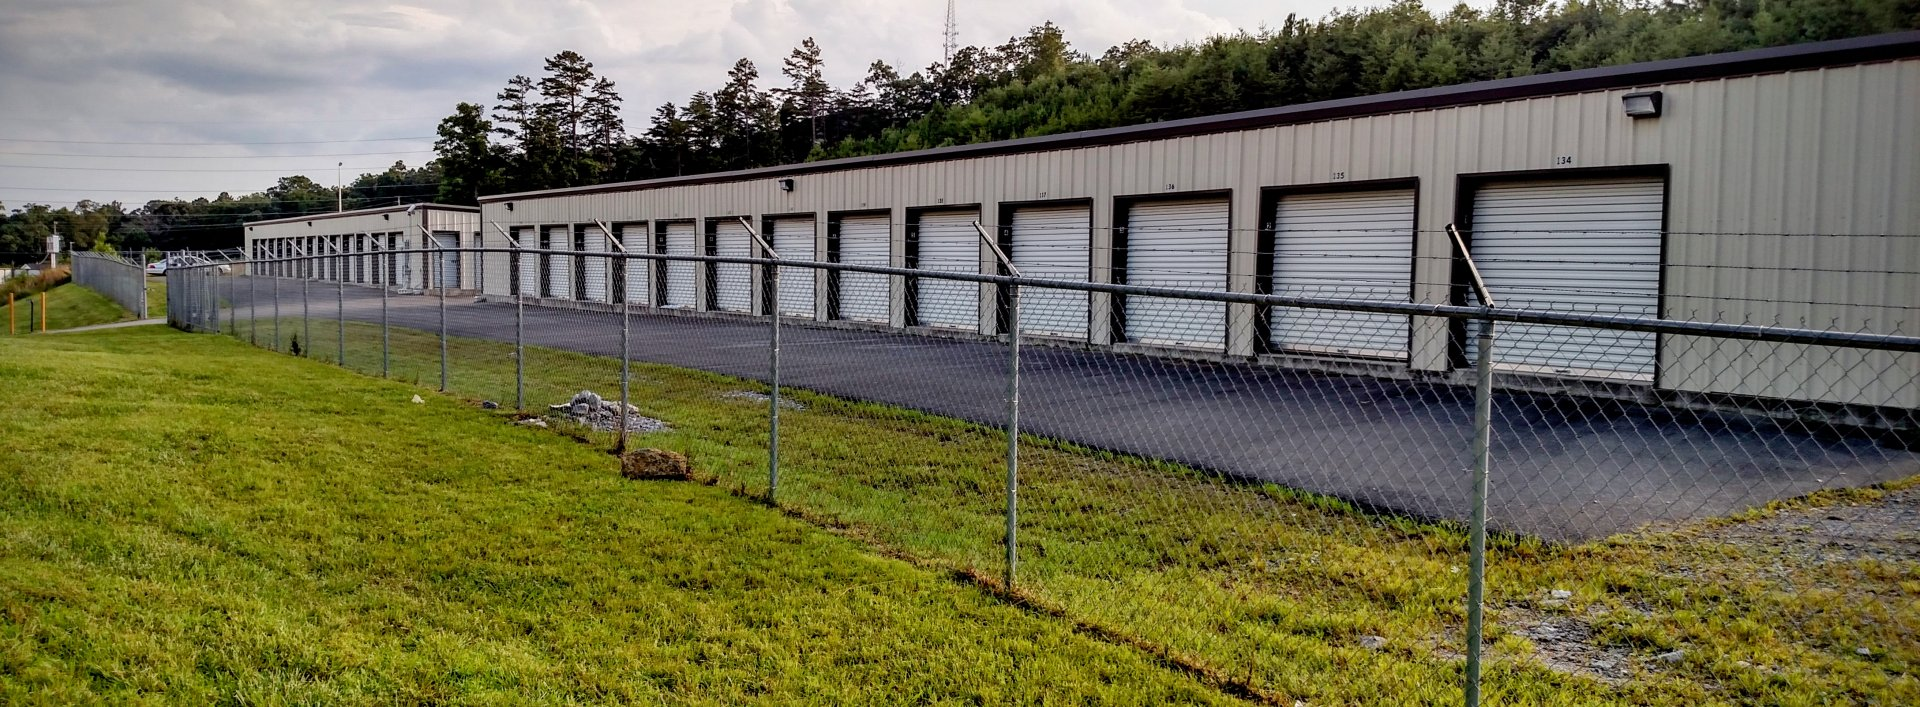 South Lee Storage